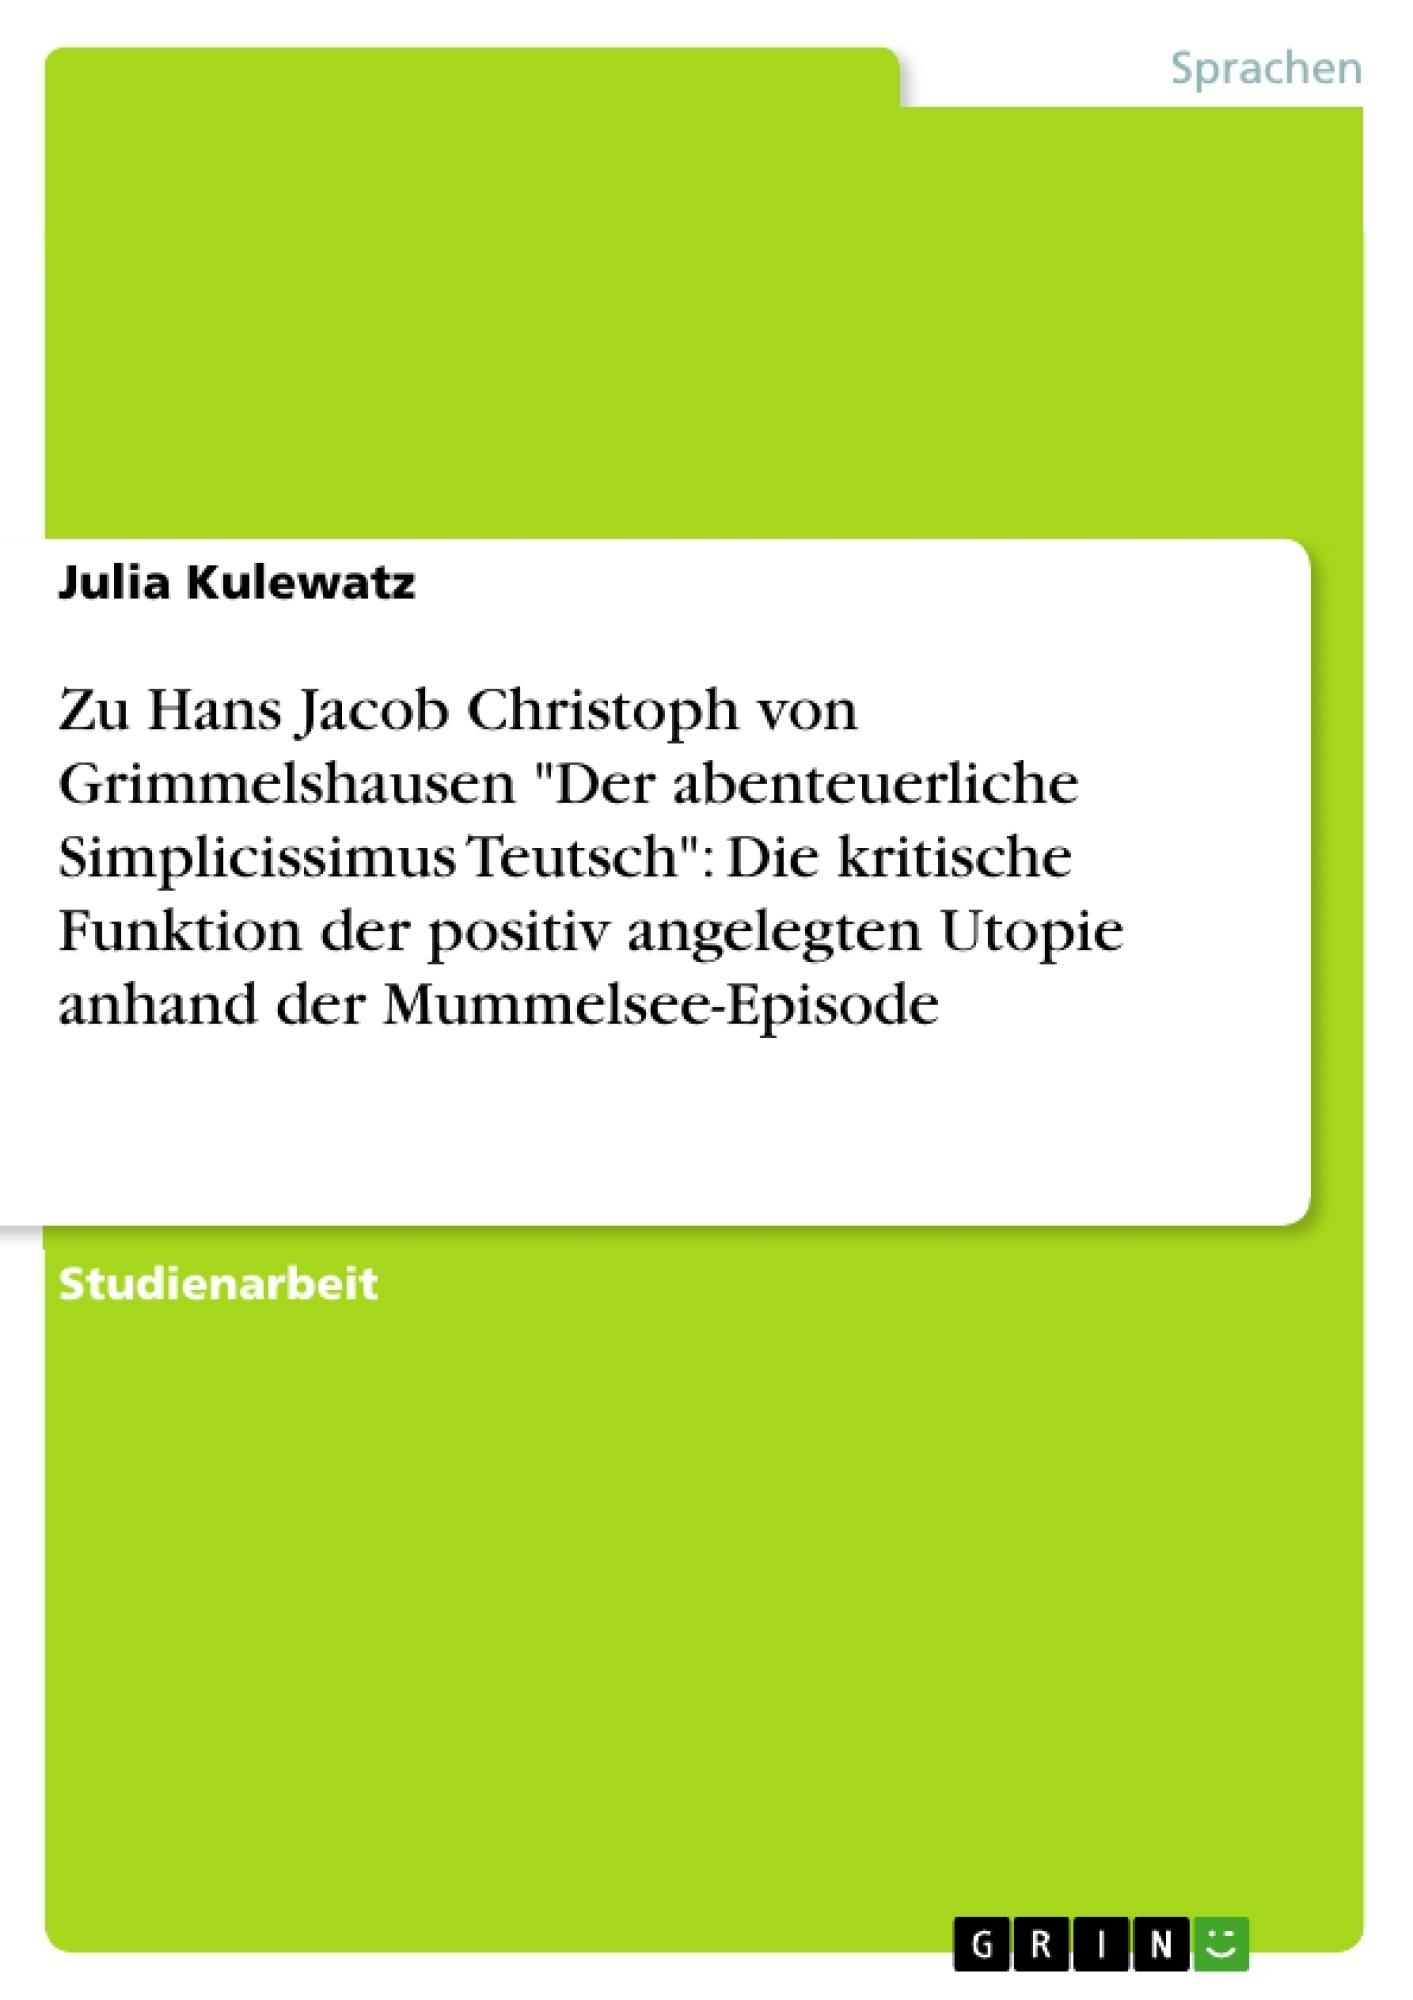 """Titel: Zu Hans Jacob Christoph von Grimmelshausen """"Der abenteuerliche Simplicissimus Teutsch"""": Die kritische Funktion der positiv angelegten Utopie anhand der Mummelsee-Episode"""